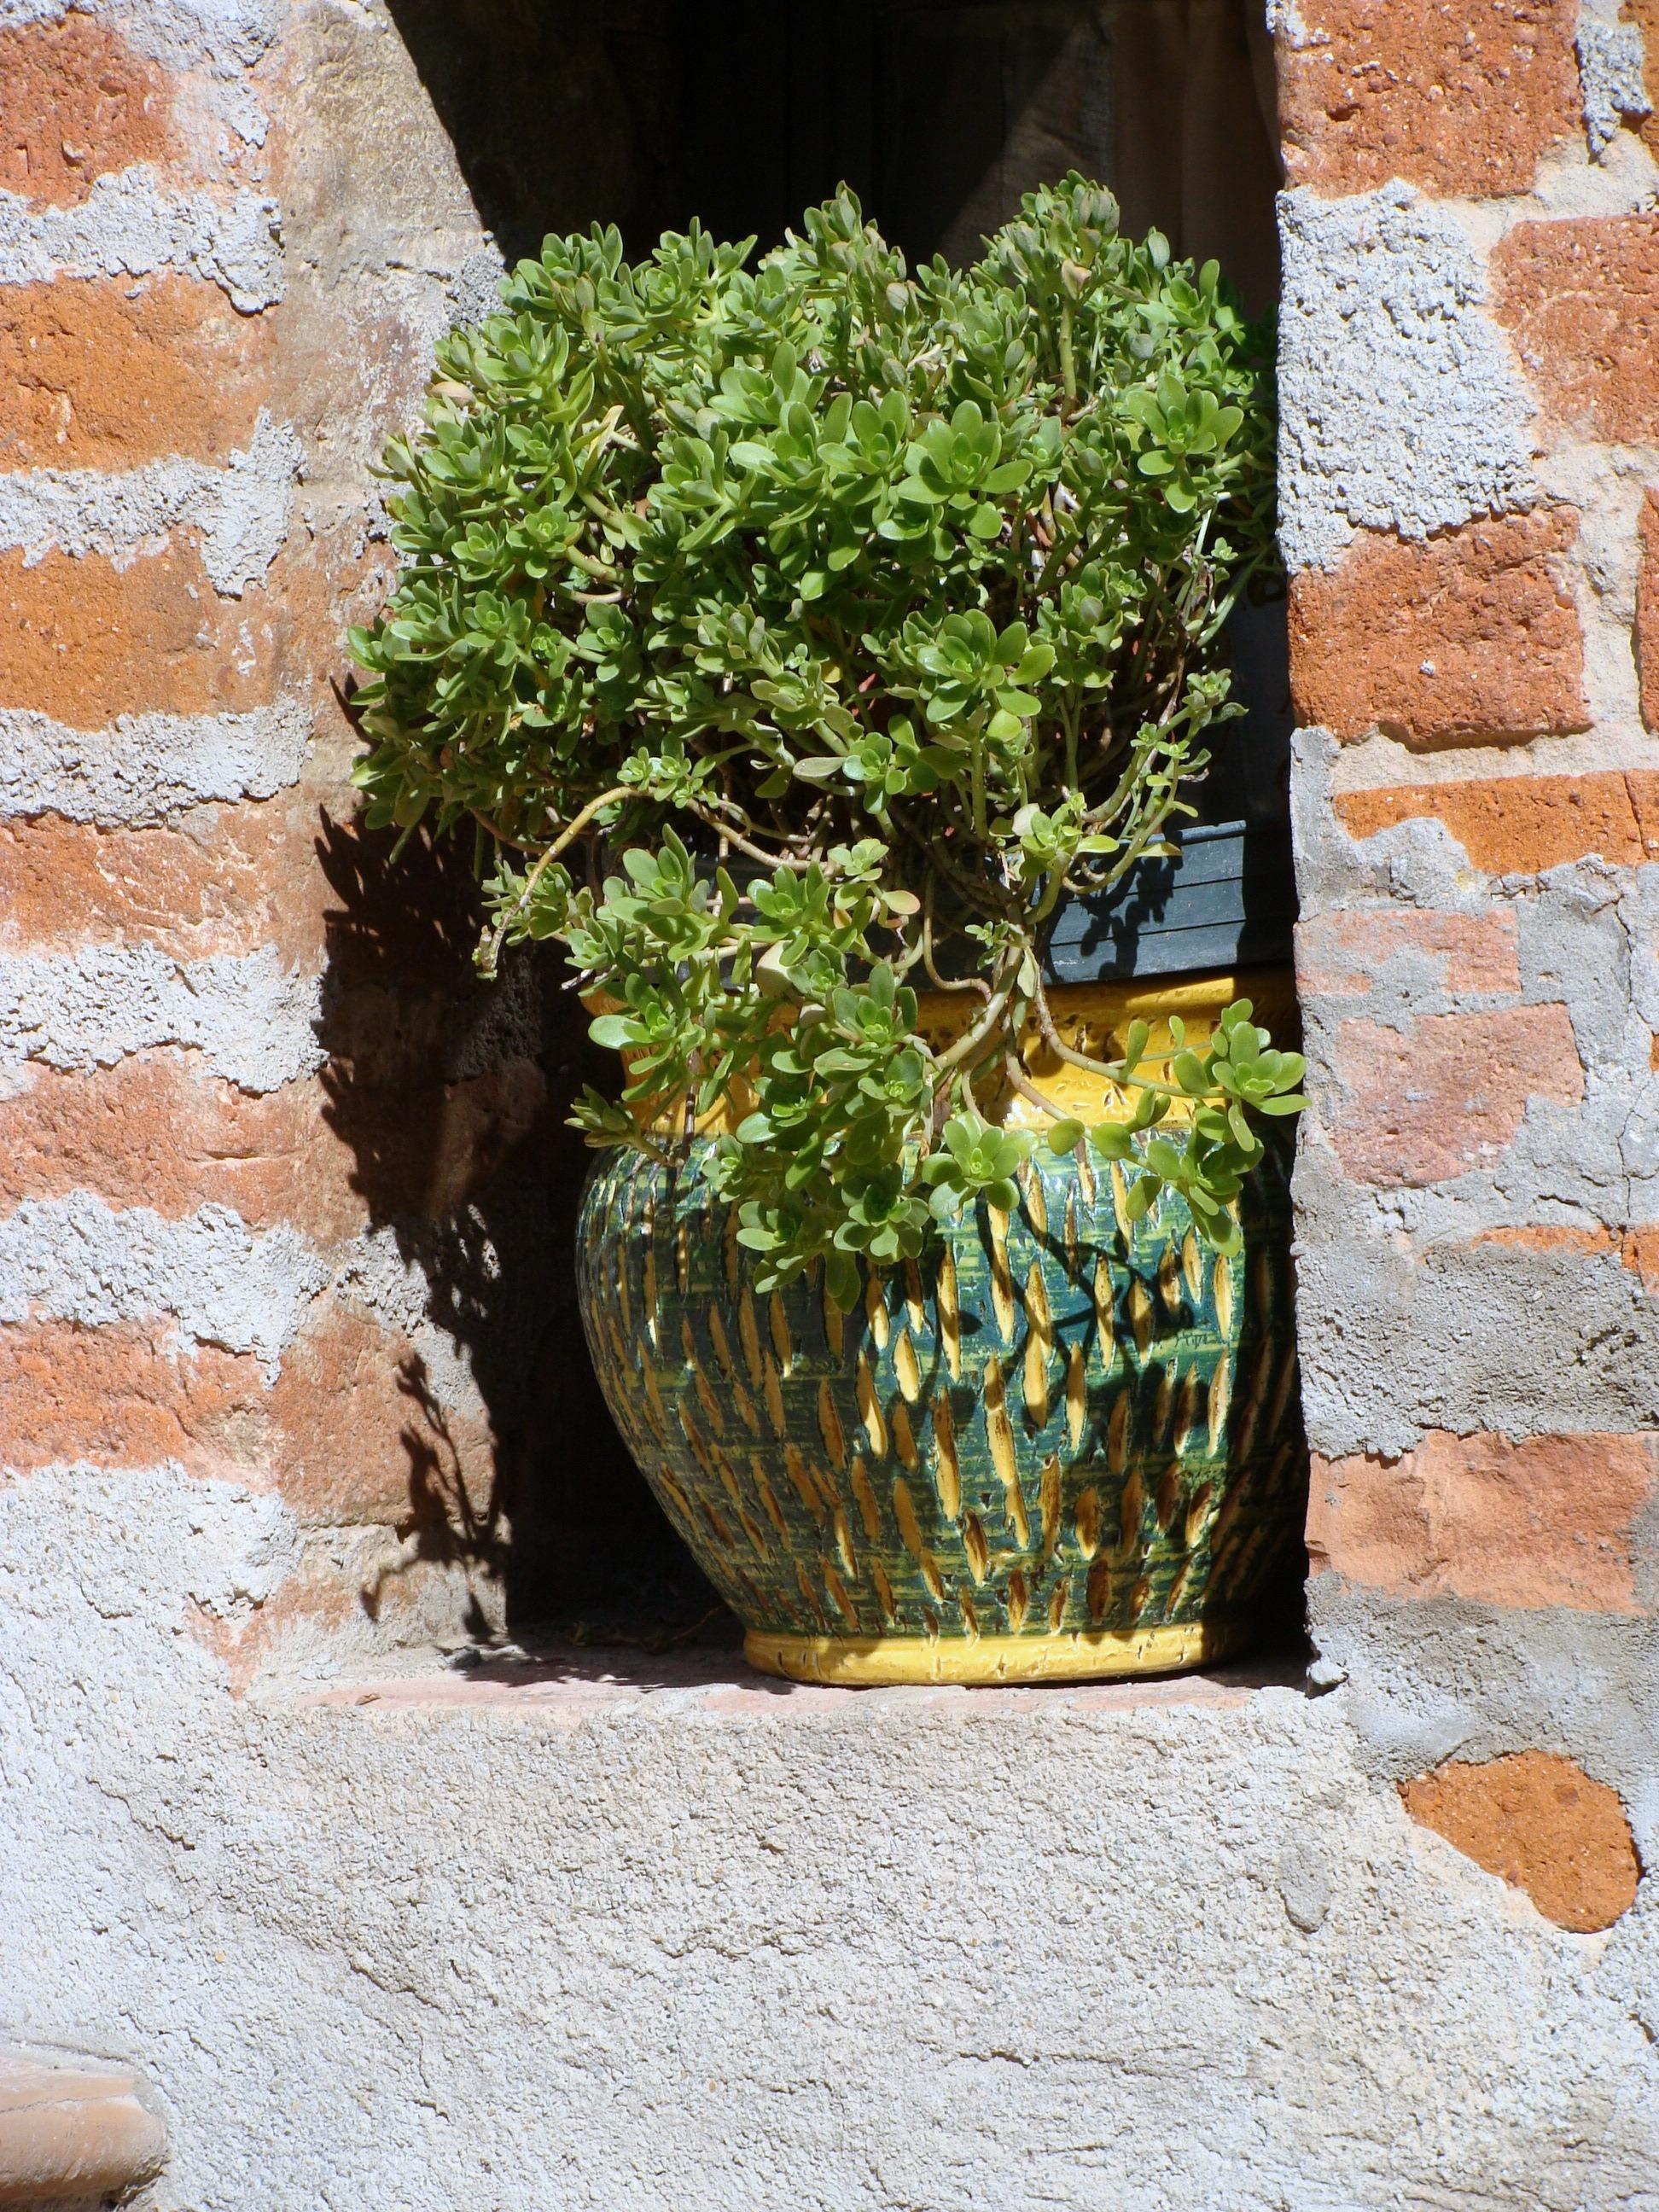 rock plant flower wall pot green red ceramic soil italy garden brick brick wall art bricks flowerpot pots niche